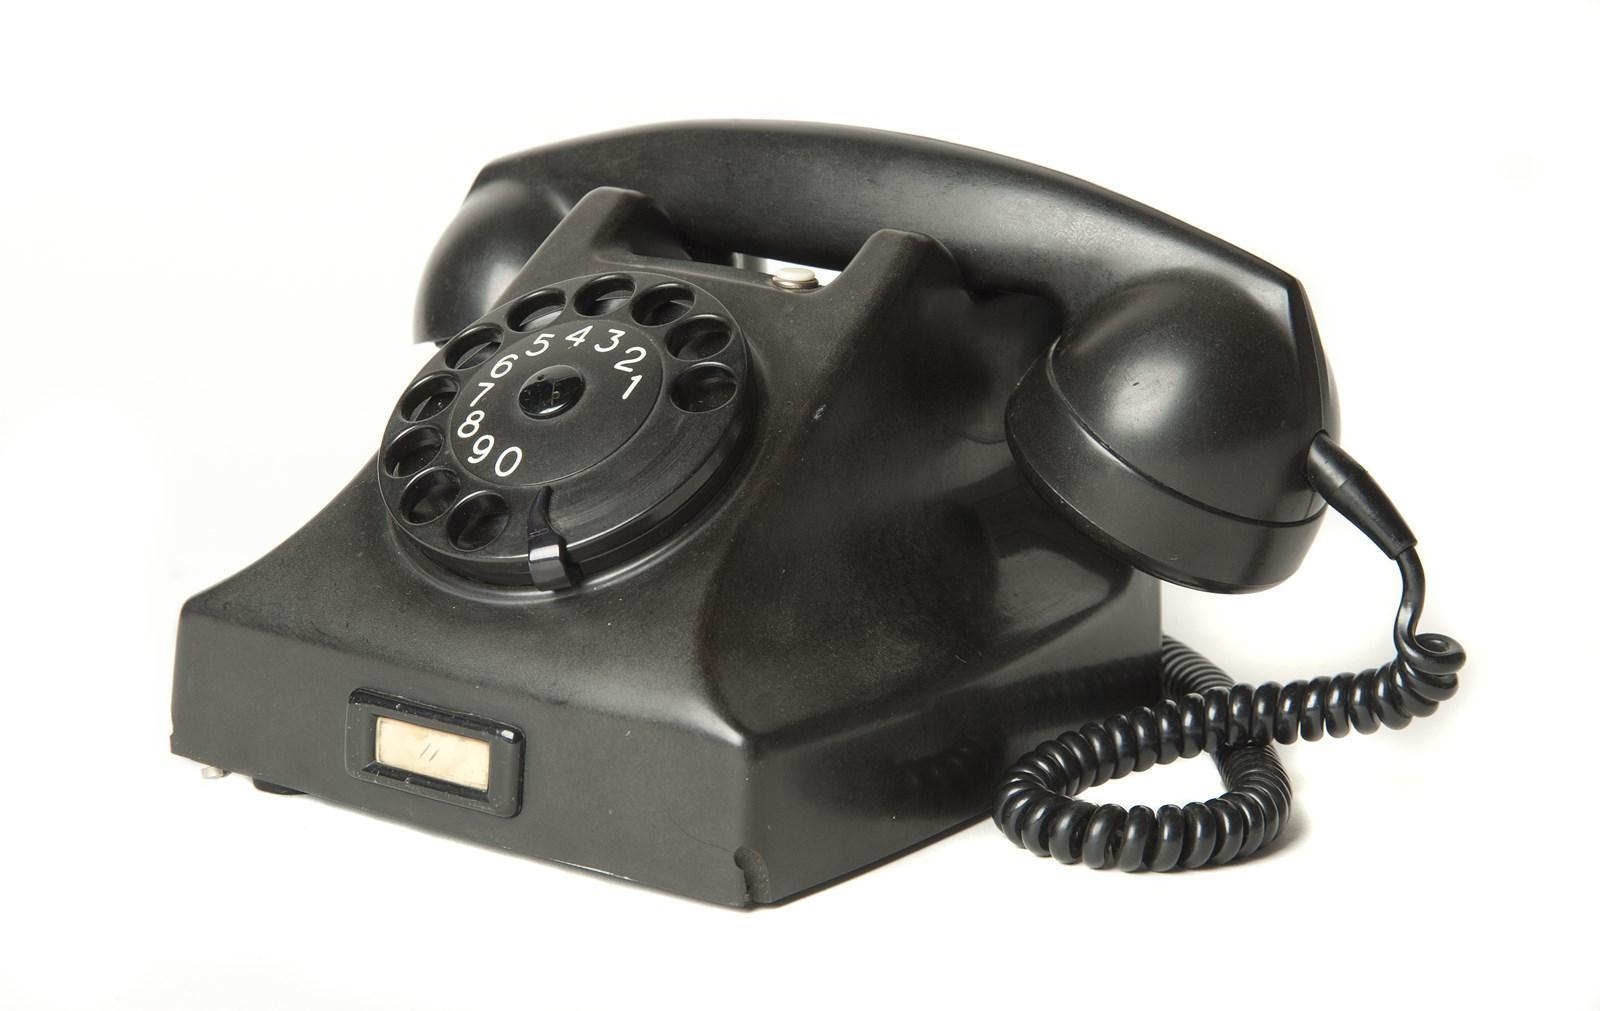 Een ouderwetse zwarte bakeliet telefoon met ronde draaischijf en afneembare hoorn met gekruld snoer.